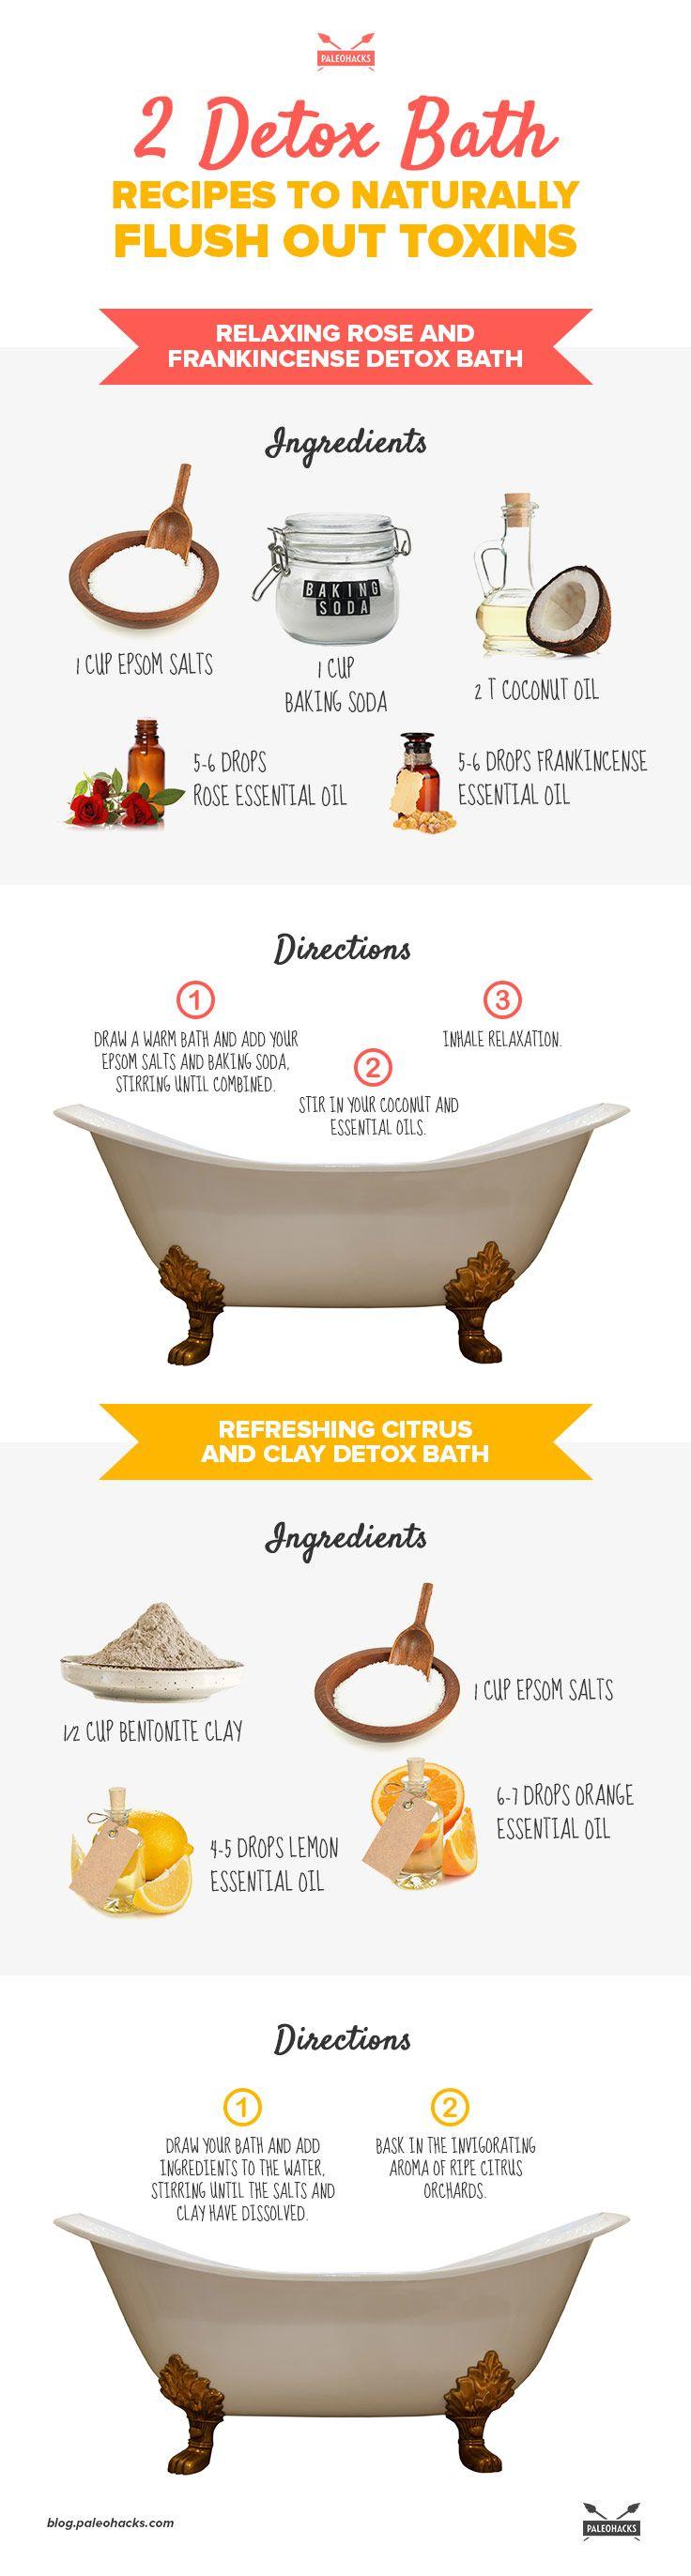 Best detox bath recipes